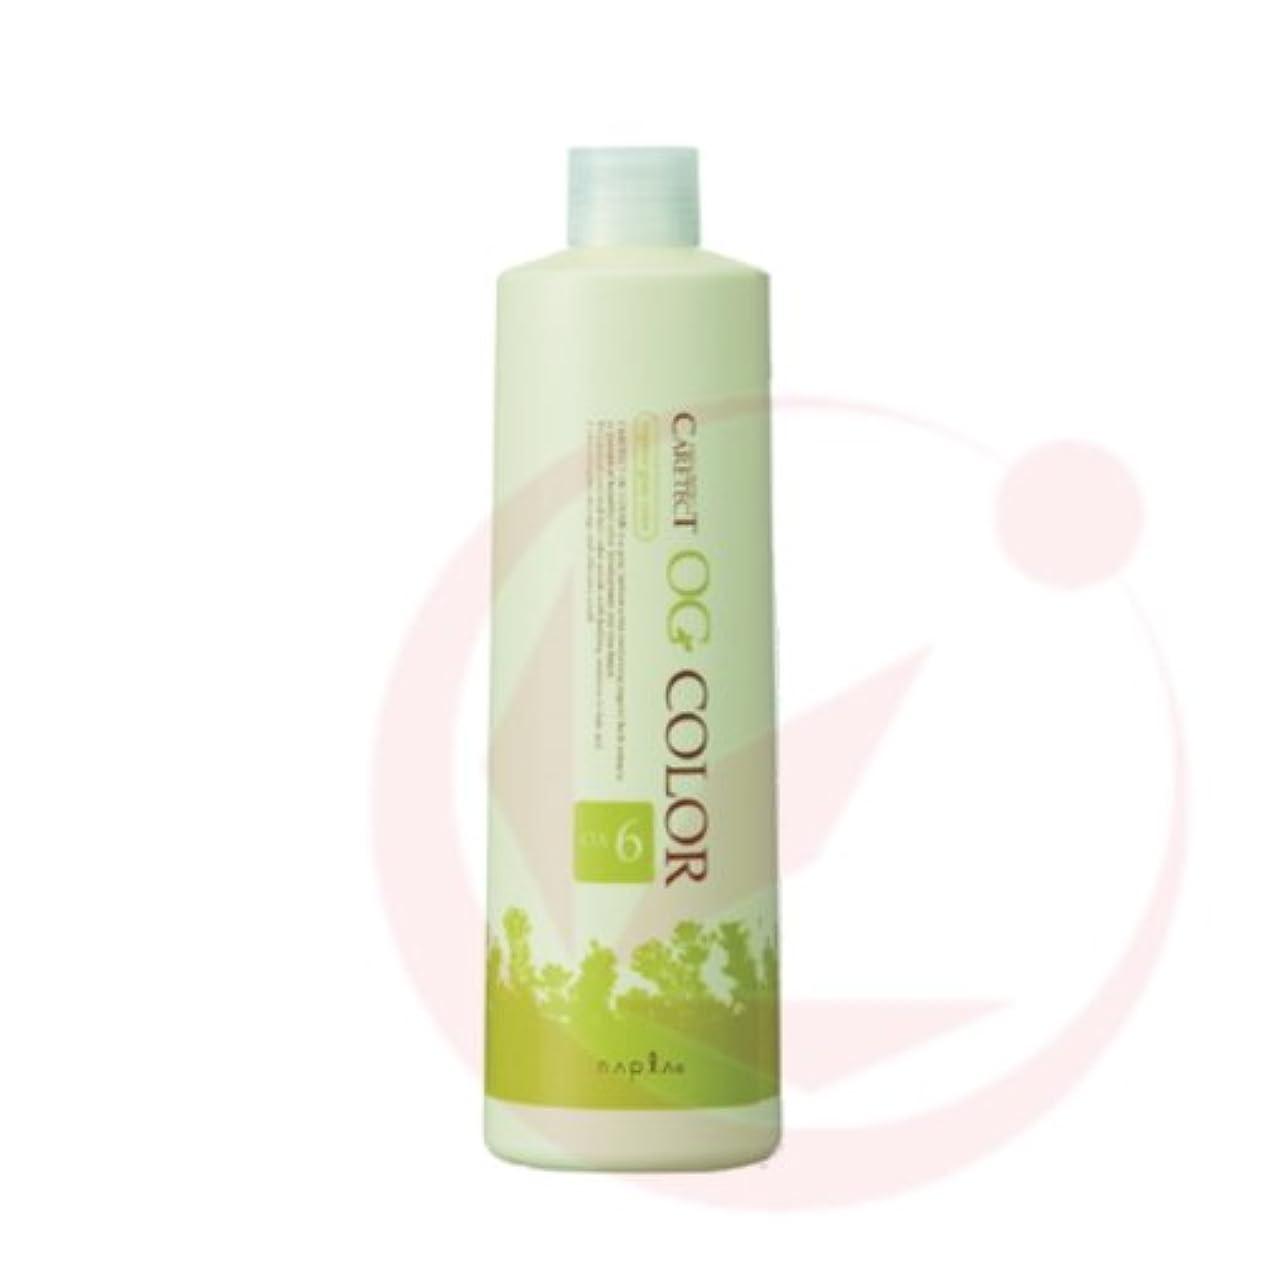 クラシック地区高揚したナプラ ケアテクトOG カラー オキシ OX6% 1000ml(2剤)